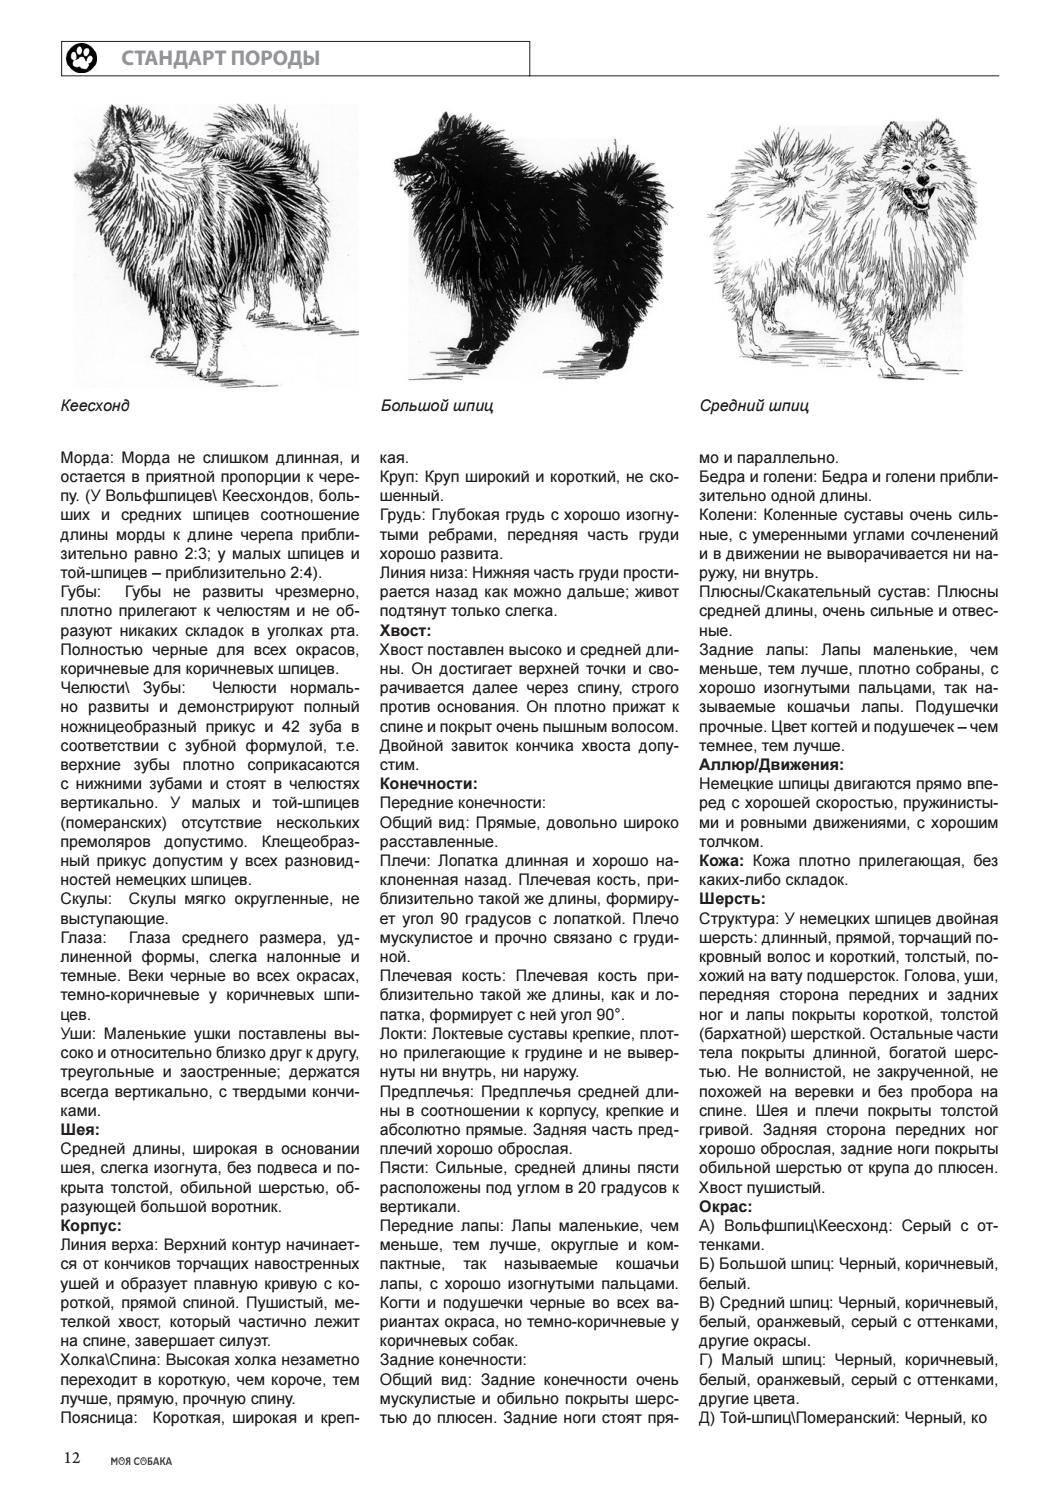 Карликовый померанский шпиц: фото и описание, цена, содержание и уход